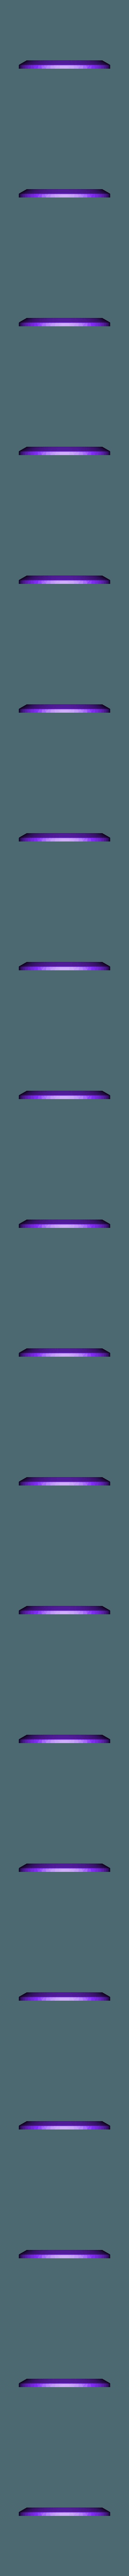 V_Buck-1.STL Télécharger fichier STL gratuit V-bucks bi-couleur • Modèle imprimable en 3D, cedricdepedrini